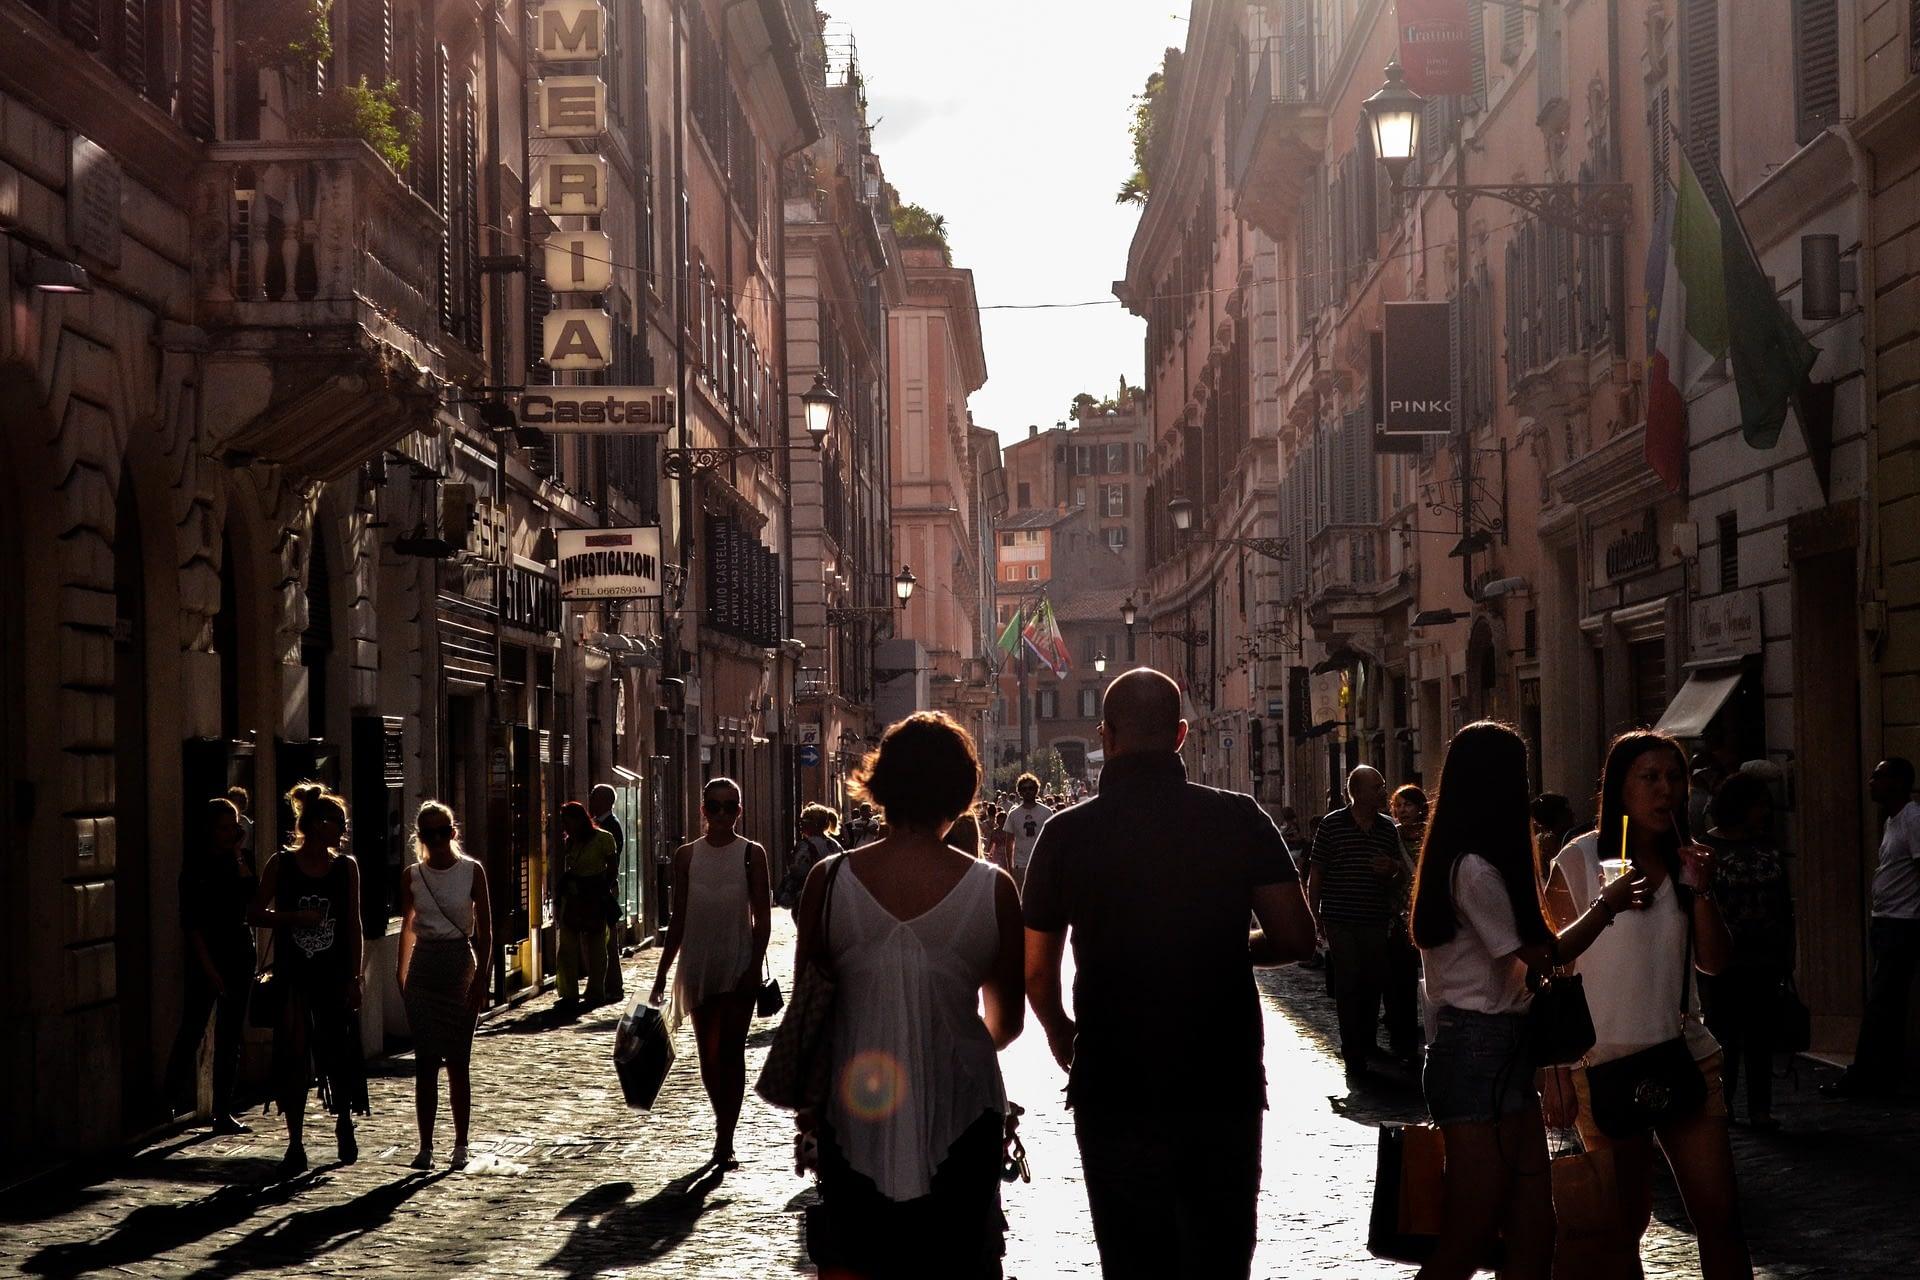 People walking in an Italian street